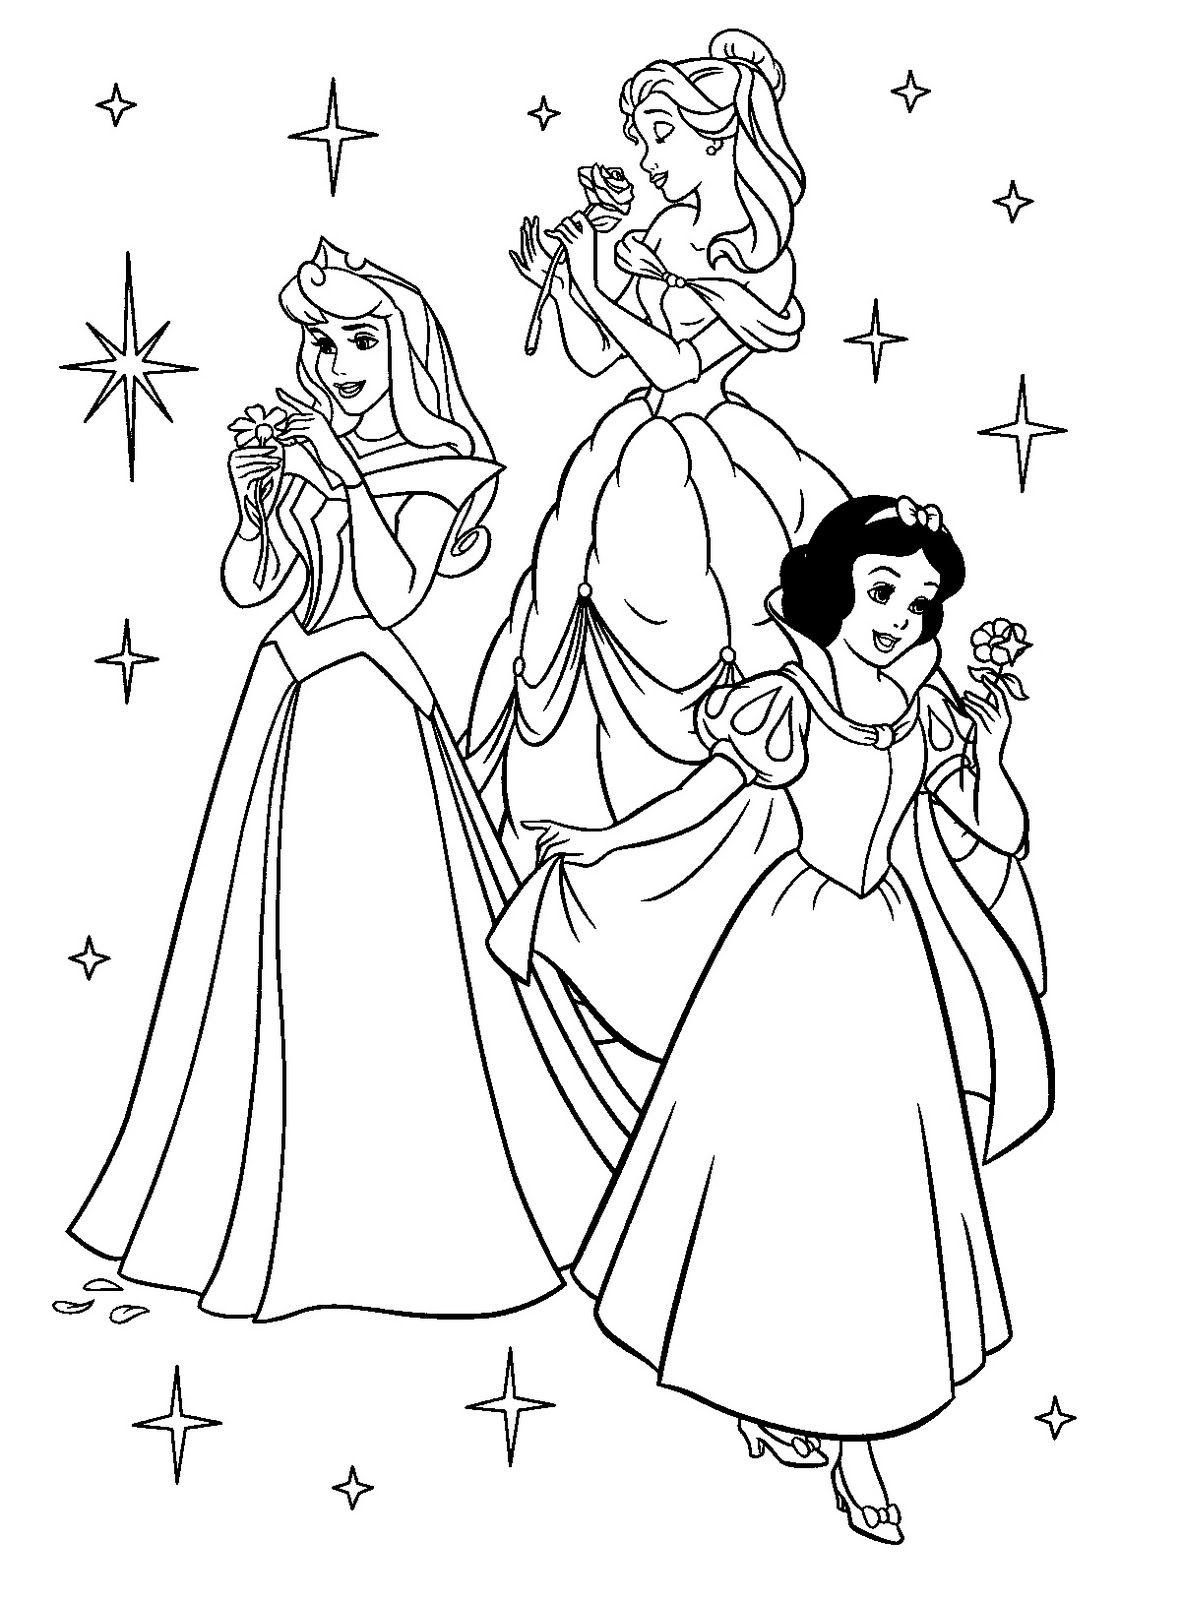 imagenes de princesas disney para colorear | Princesas | Pinterest ...